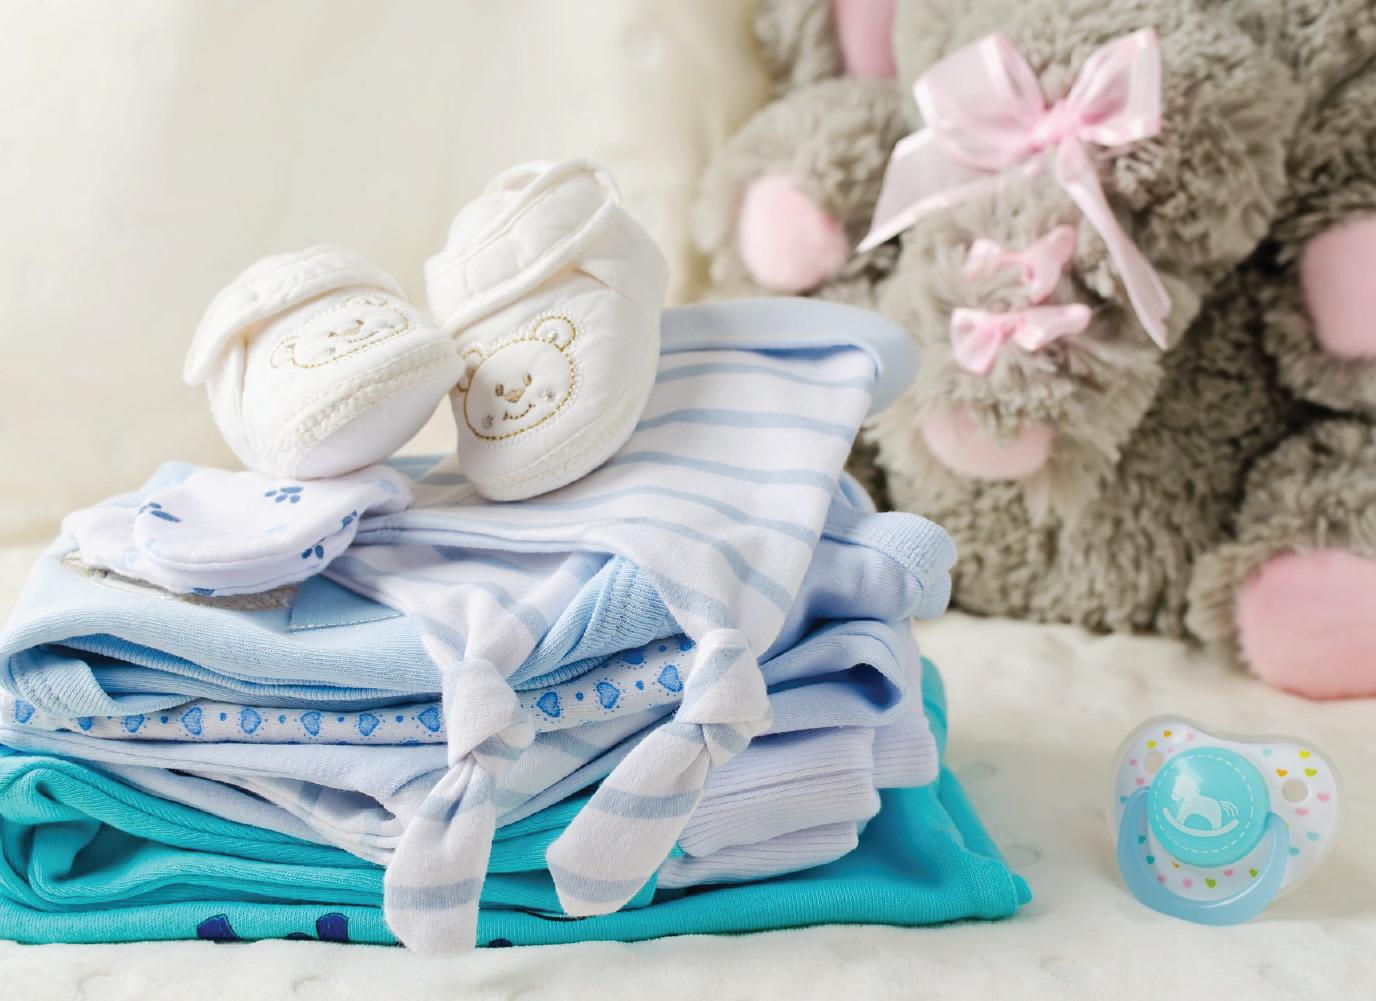 Chuẩn bị đồ đi sinh cho mẹ và bé – danh sách đầy đủ nhất